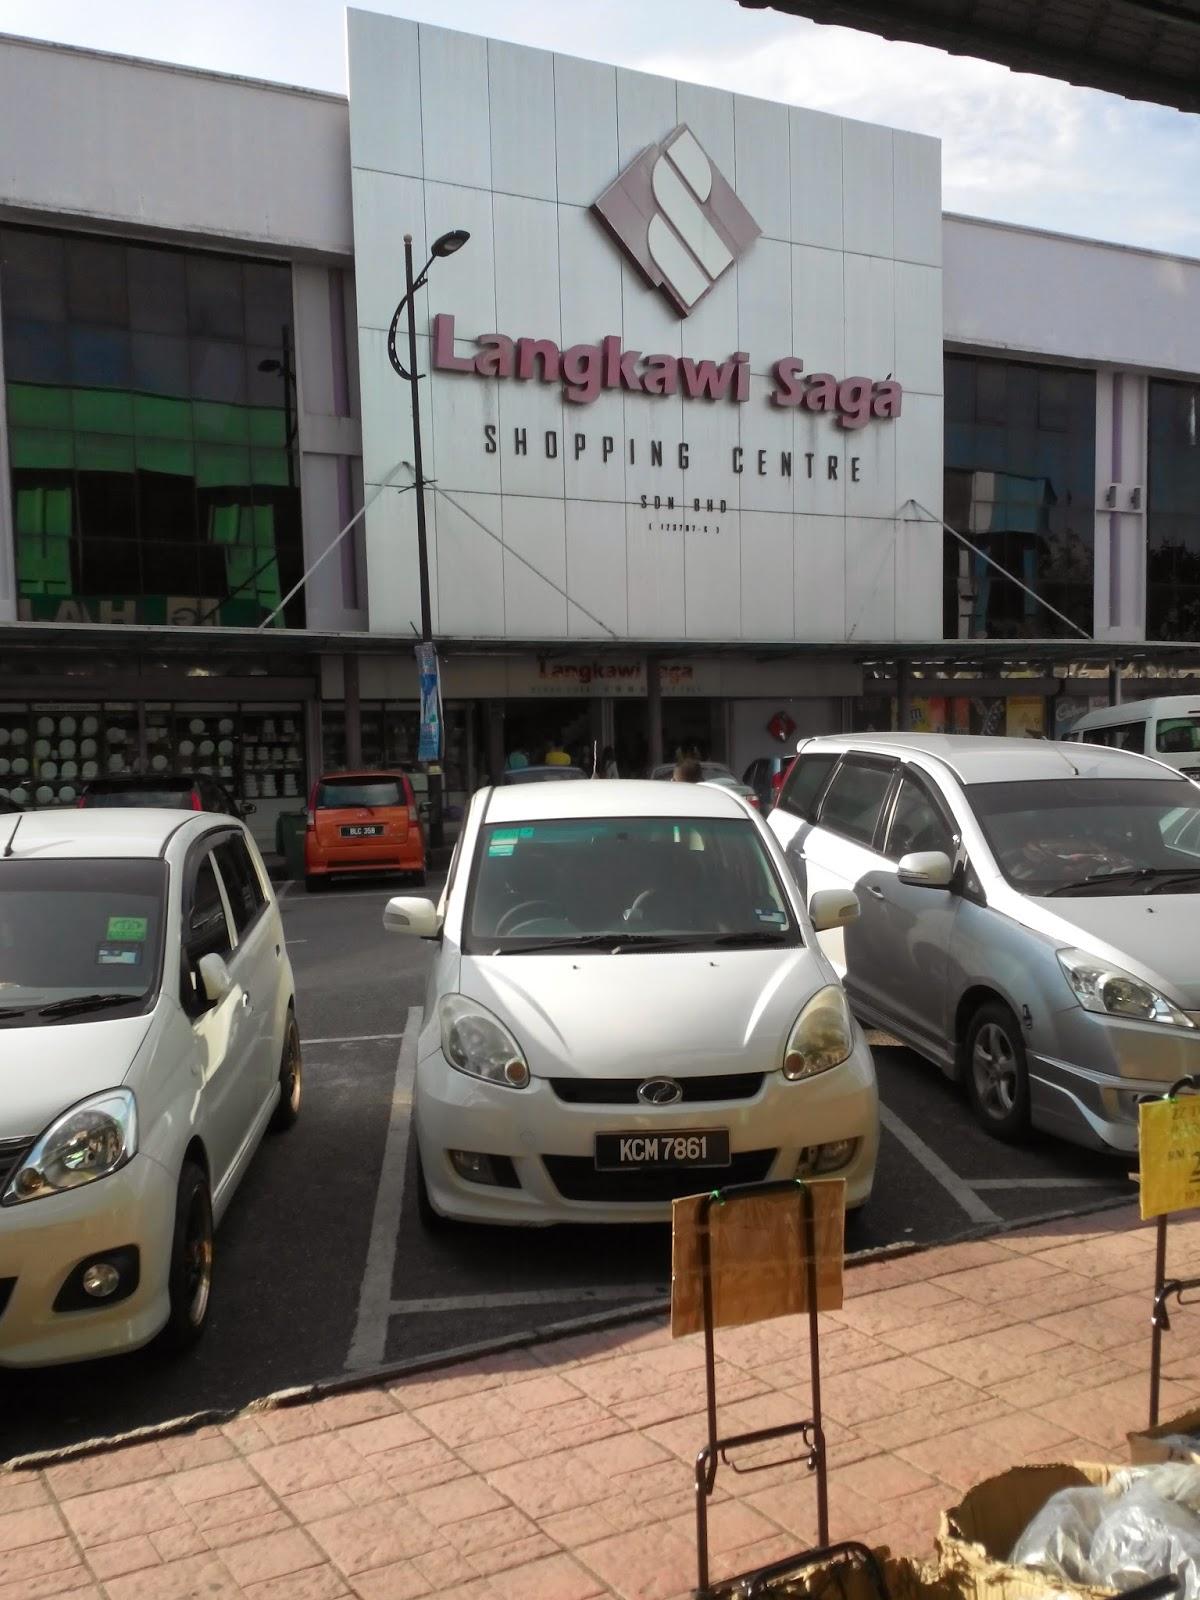 Tempat -Tempat Shopping Di Pulau Langkawi